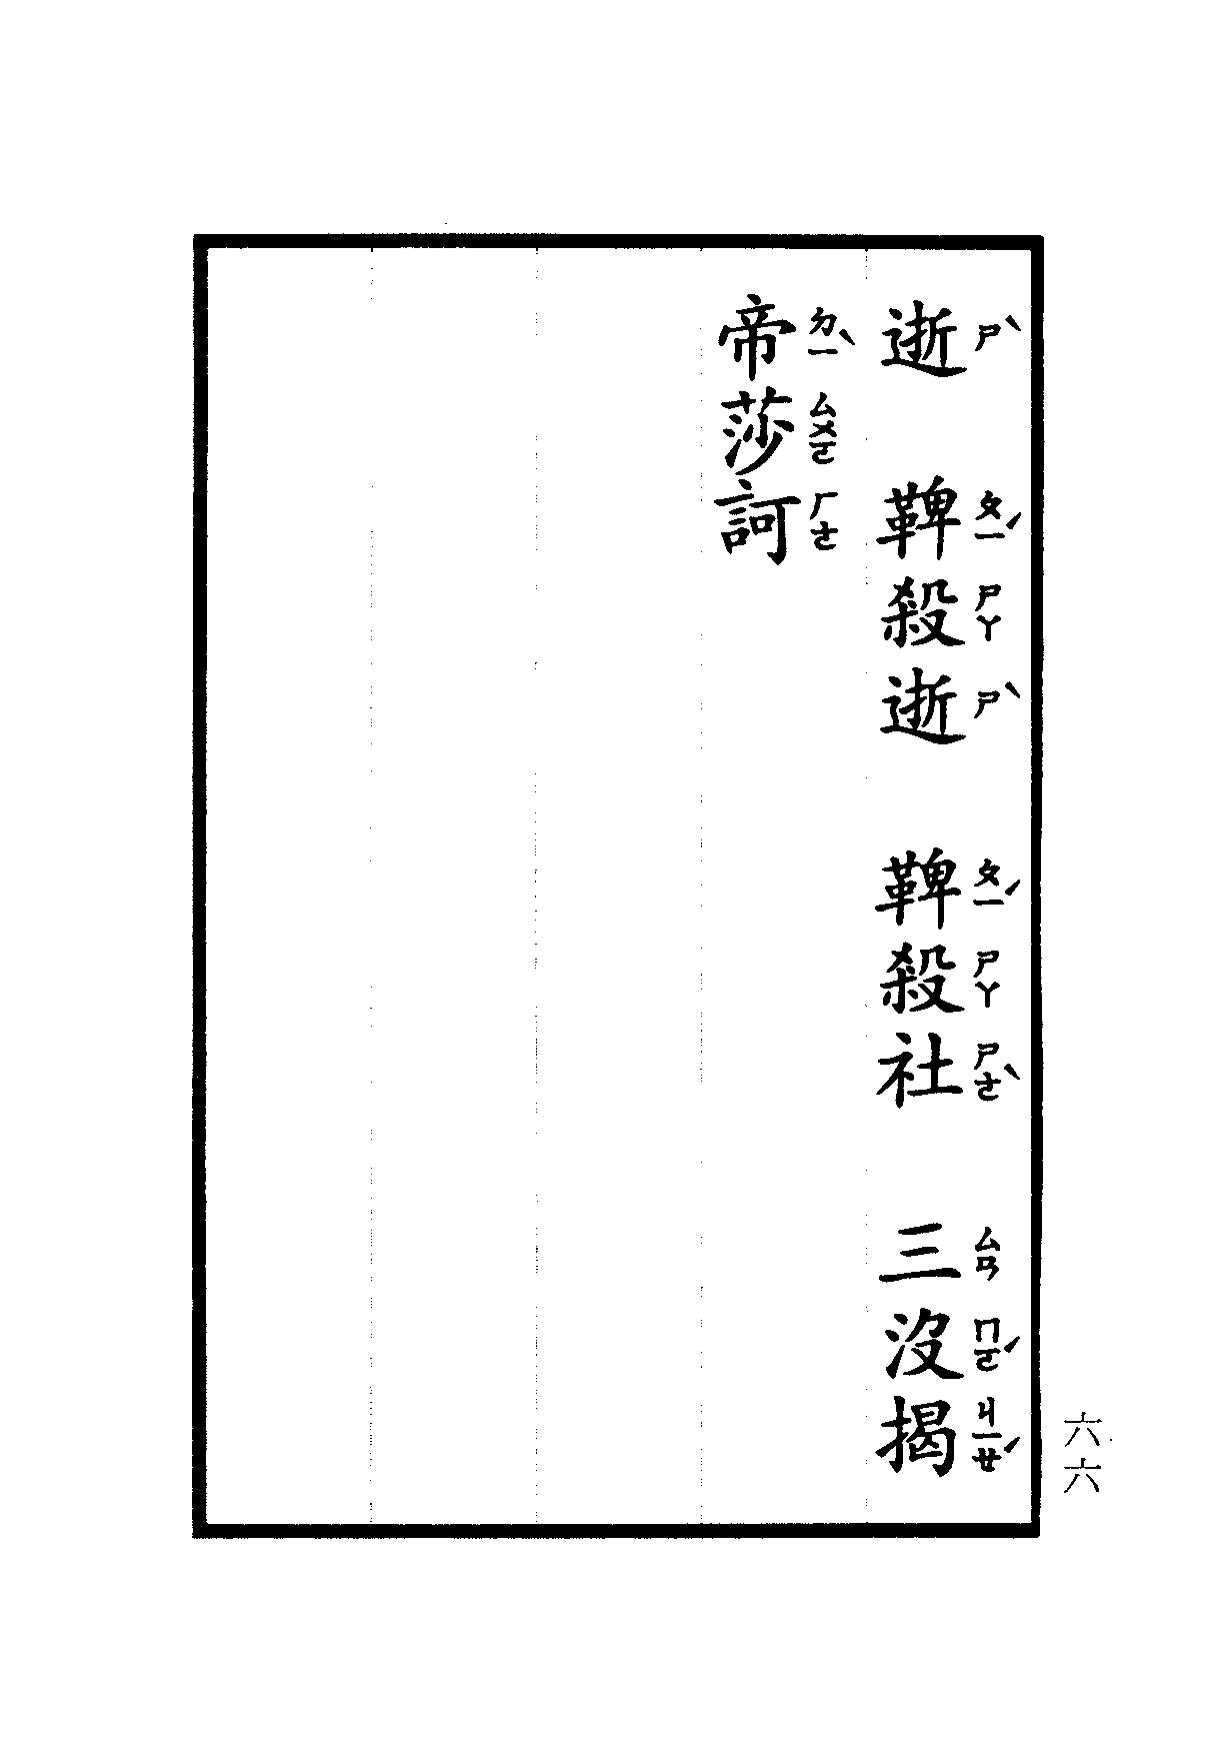 楞嚴咒-大悲咒-十小咒-易背本 72.png